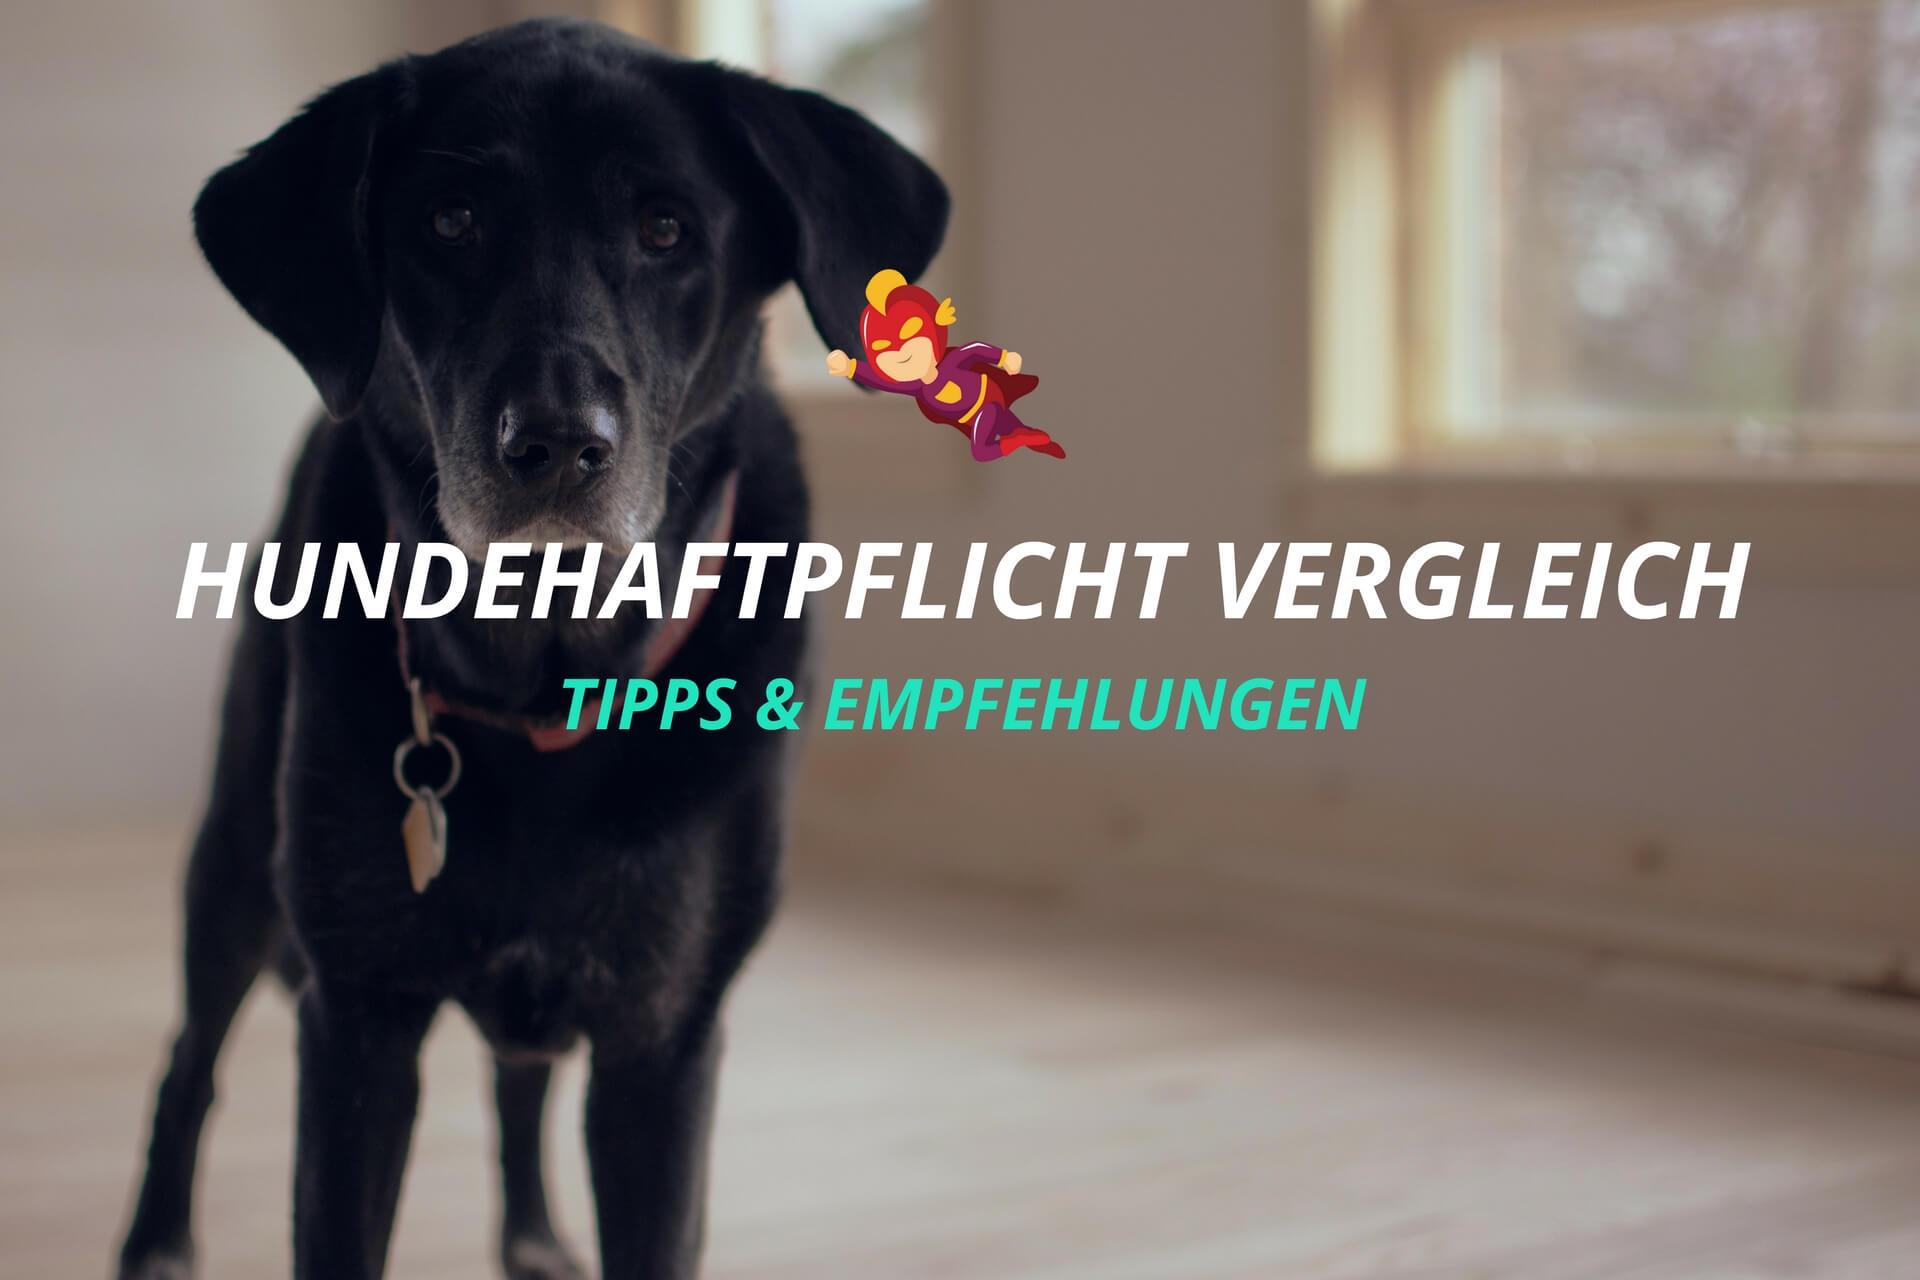 Hundehaftpflichtversicherung Vergleich - Finanzhelden.org